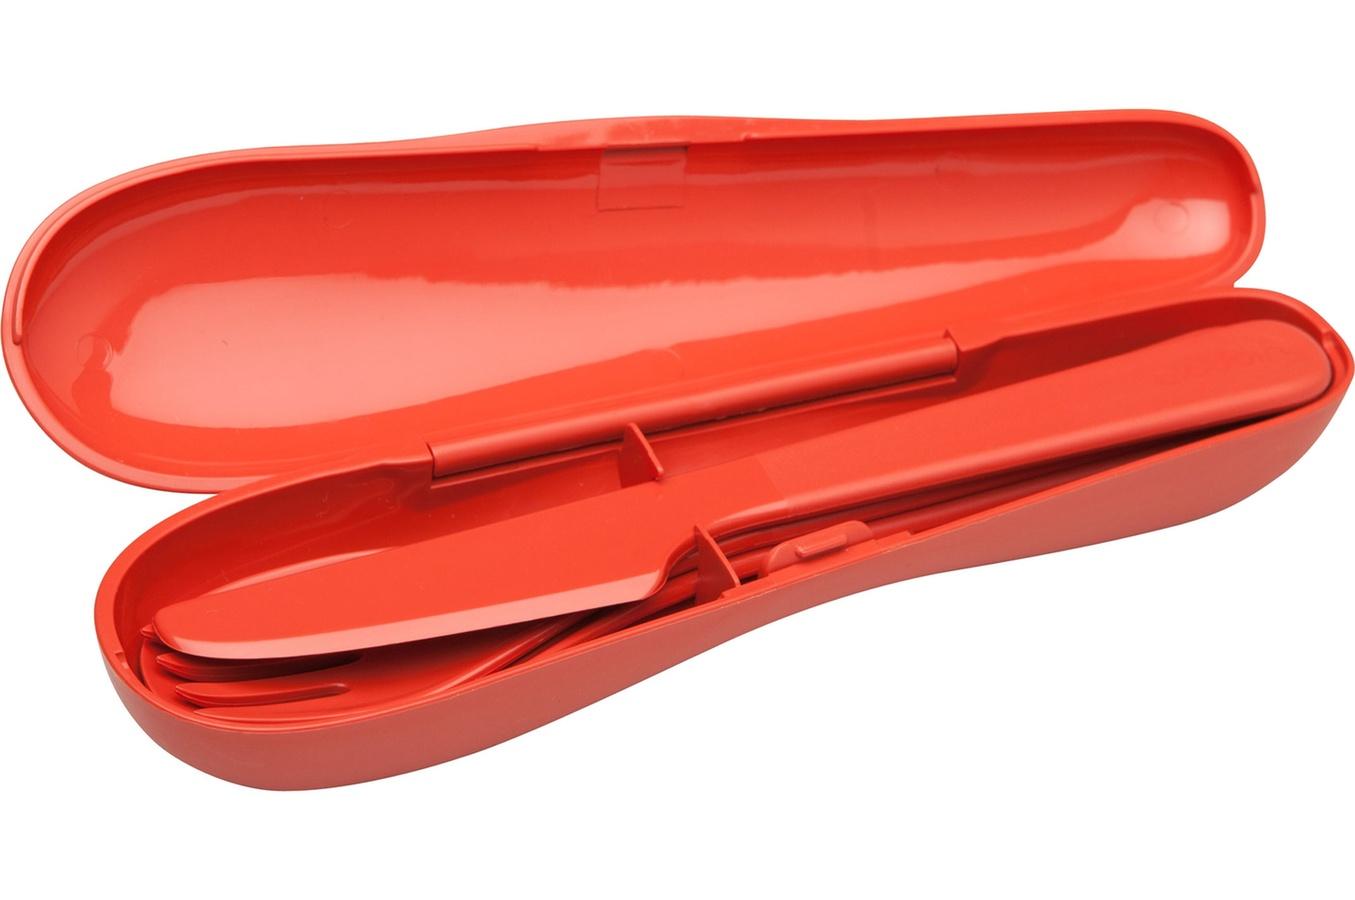 Набор столовых приборов туристический Aladdin Papillon, цвет: красный, 3 шт10-01374-025- красныйНабор Aladdin Papillon состоит из ложки, вилки и ножа. Изделиявыполнены из прочного пищевого пластика. Его удобно использовать на даче,брать с собой на пикники и в поездки.Пластиковая посуда не разобьется и будет служить вам долгое время. Изделиялегко моются,гигиеничны, не накапливают запахов. Можно мыть в посудомоечной машине.